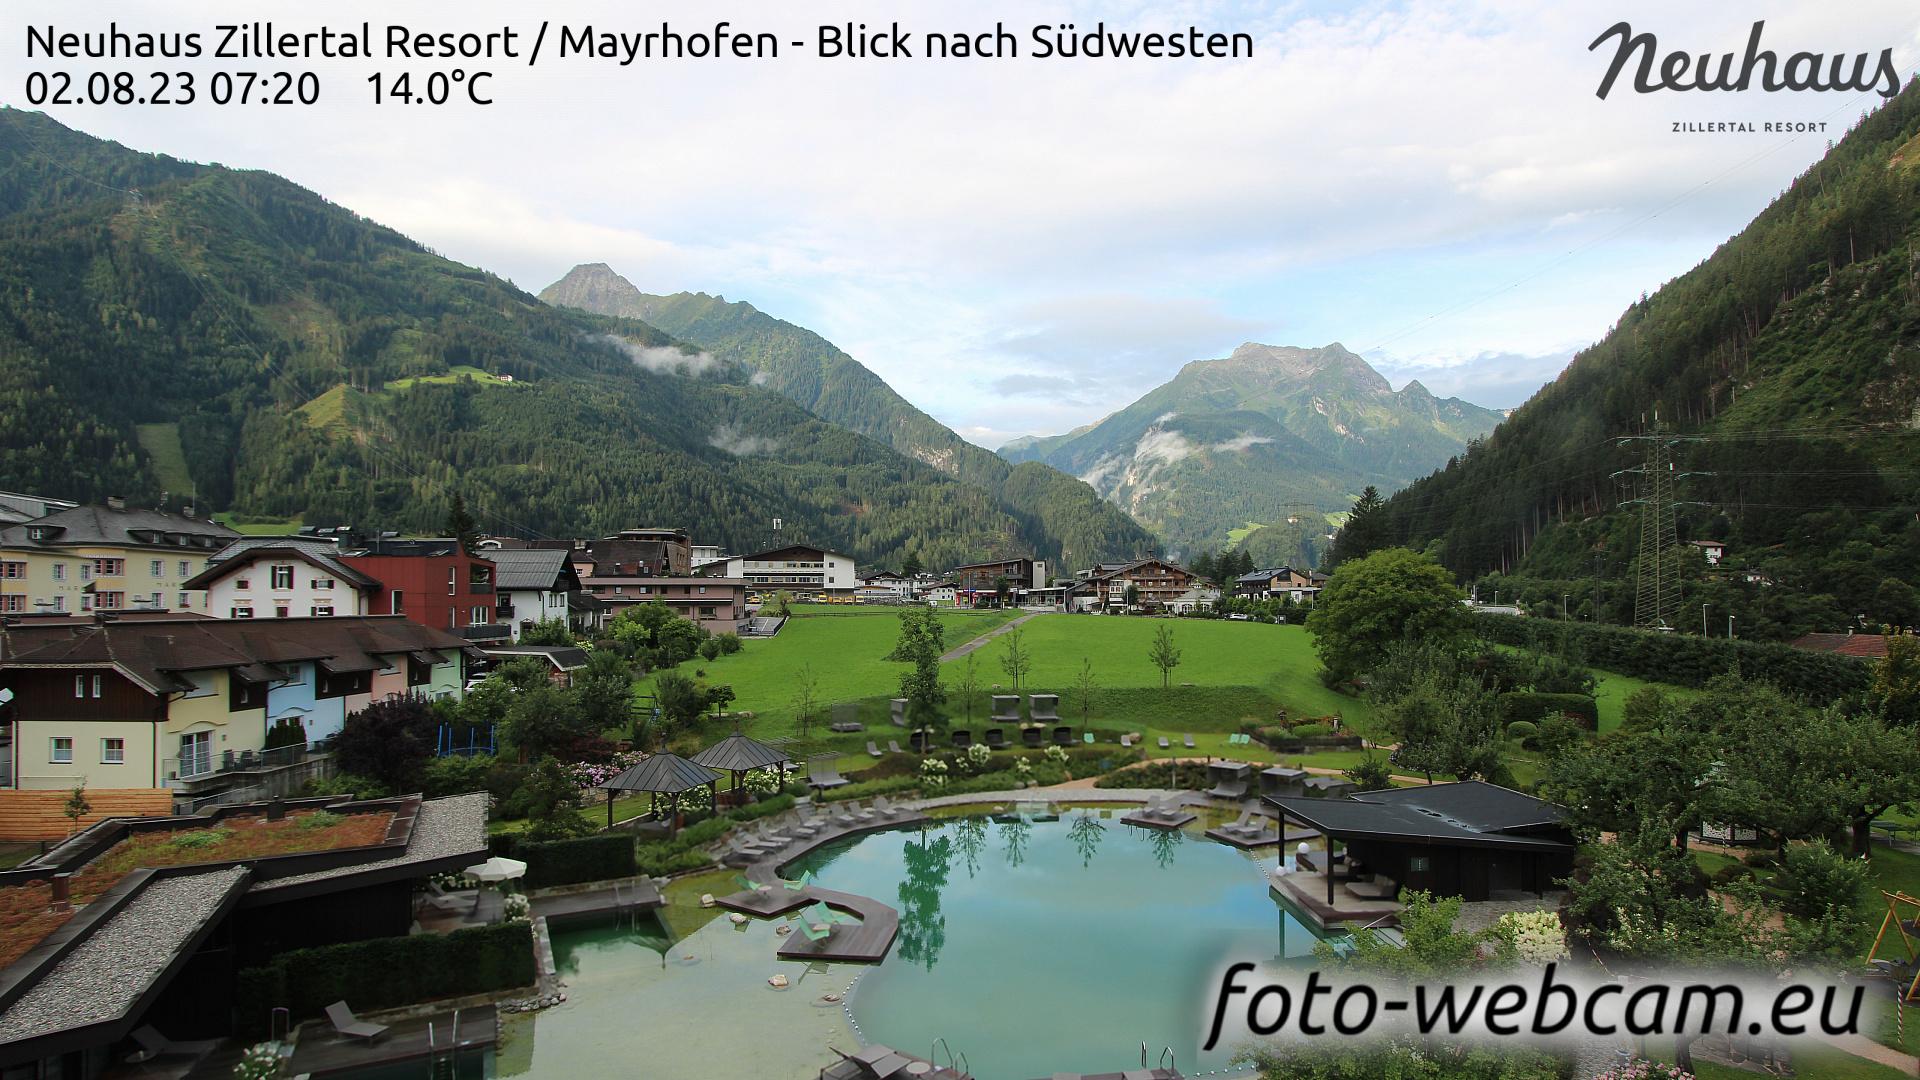 Mayrhofen Mon. 07:33